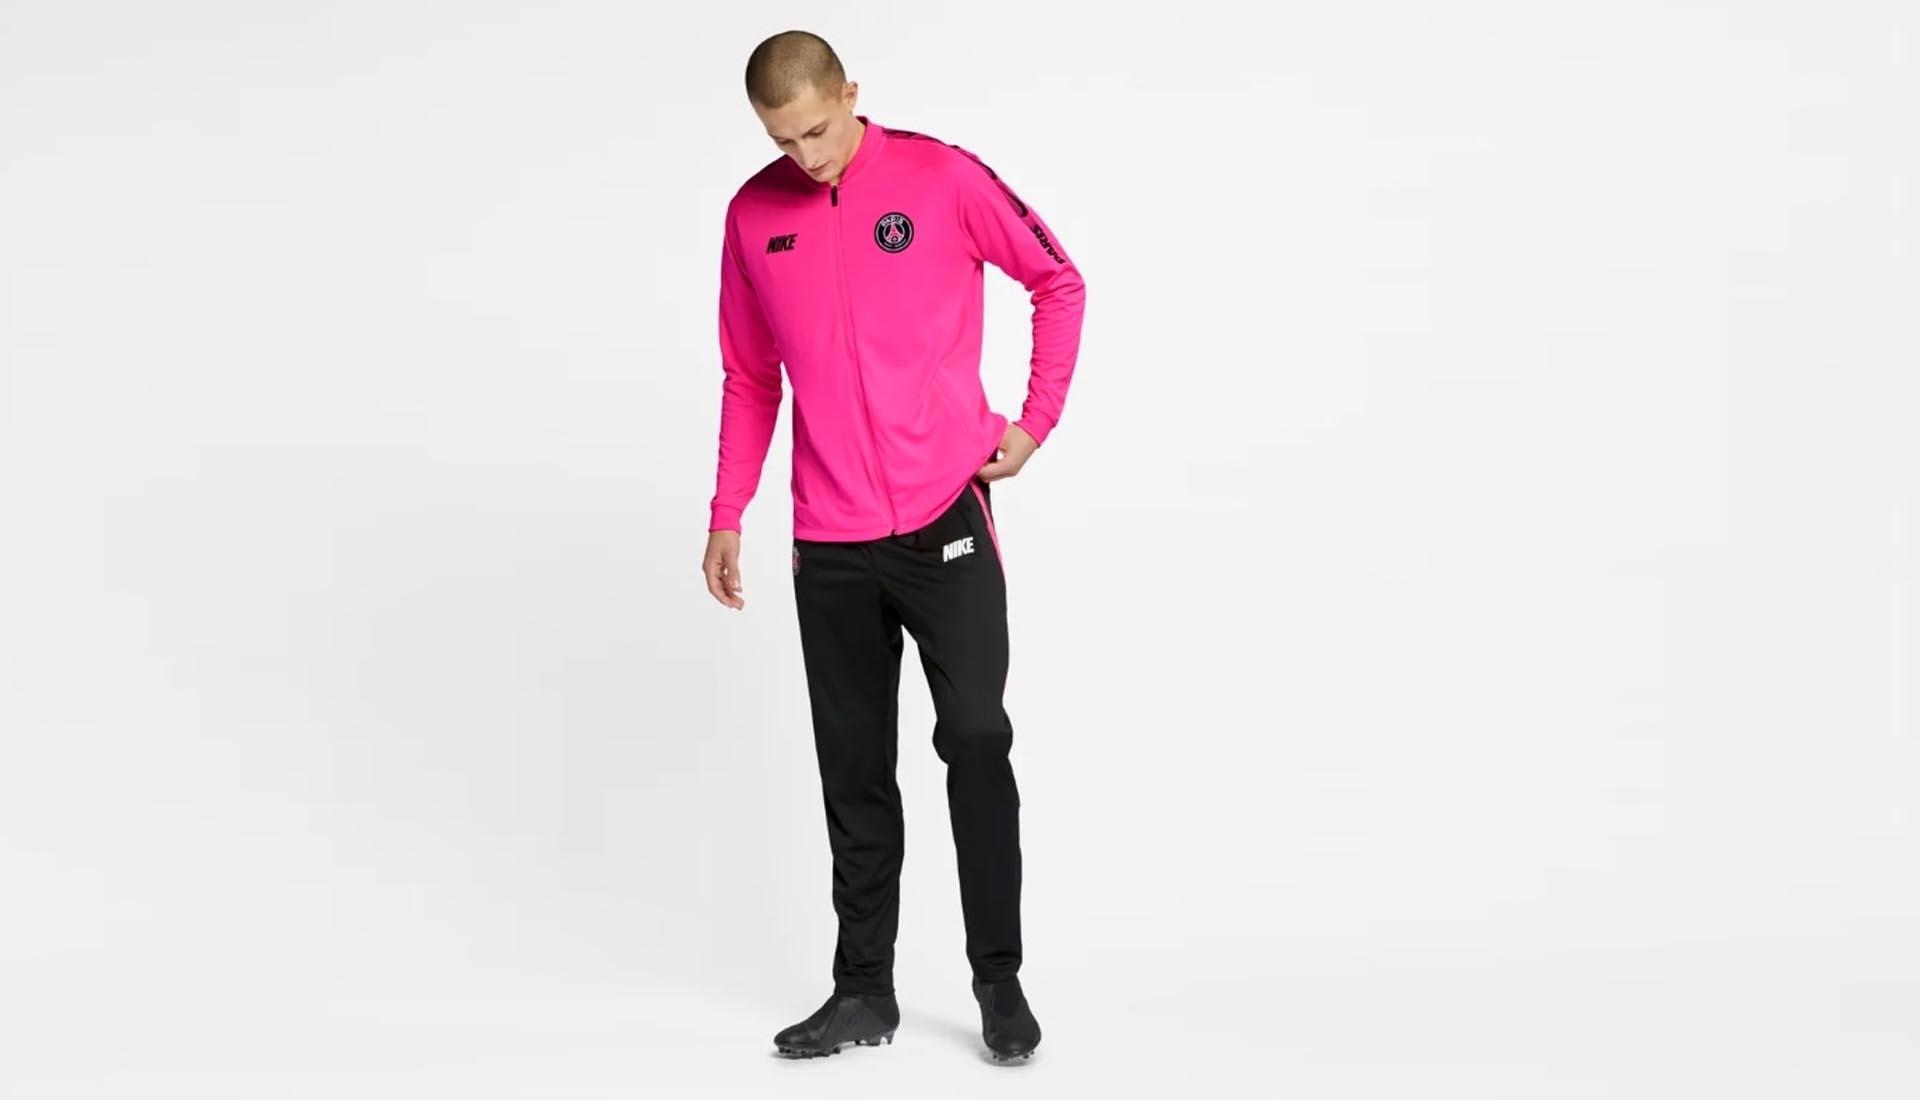 psg nike drop pink 2019 training